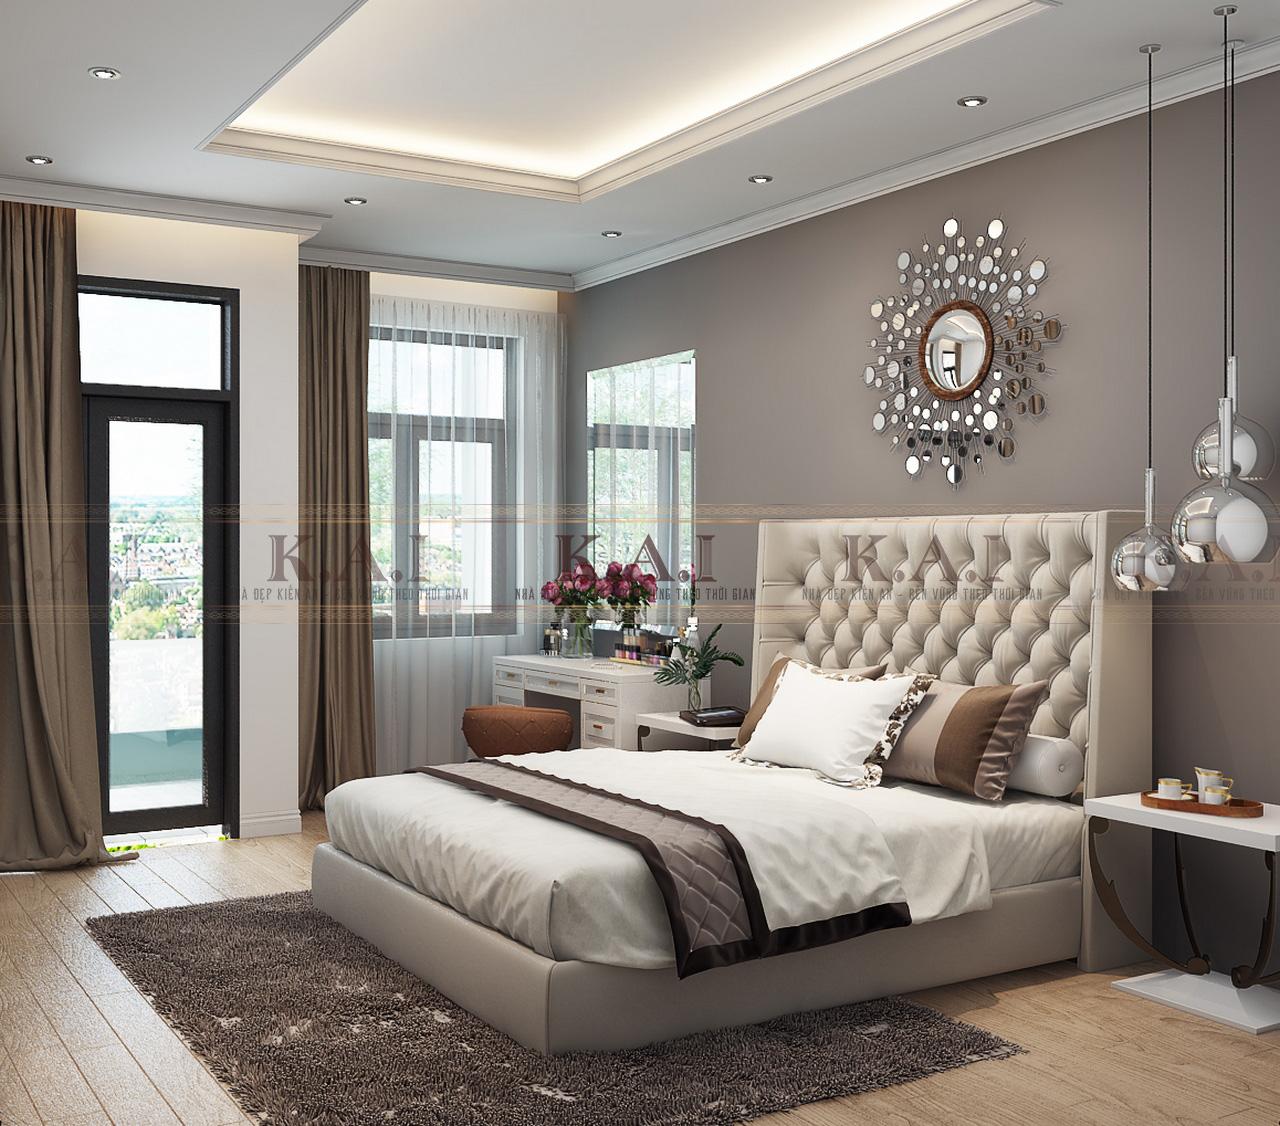 Thiết kế phòng ngủ châu Âu hiện đại